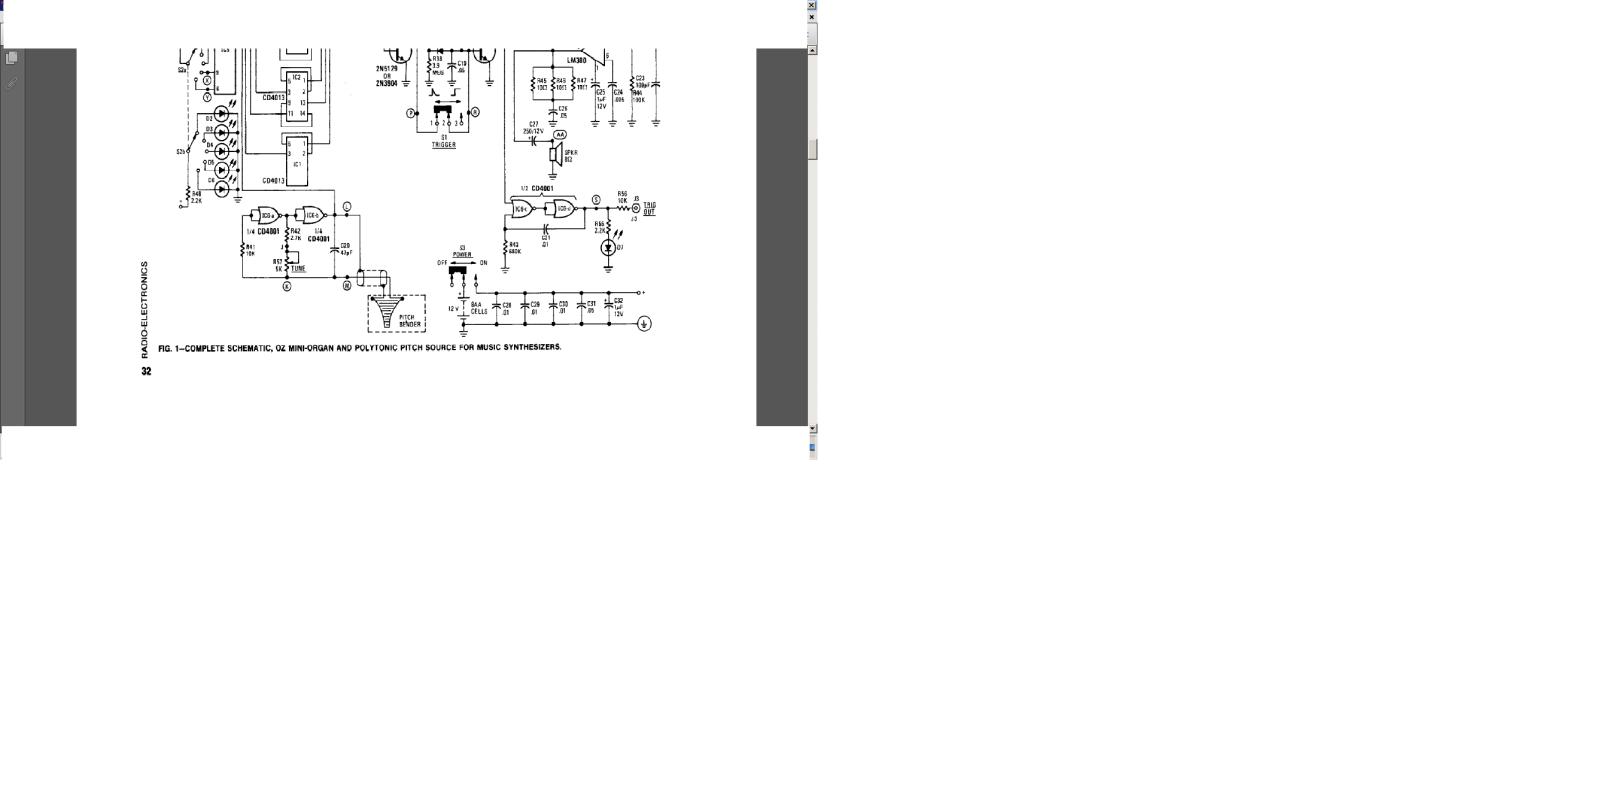 órgao eletronico com M208B1 2zyzx93